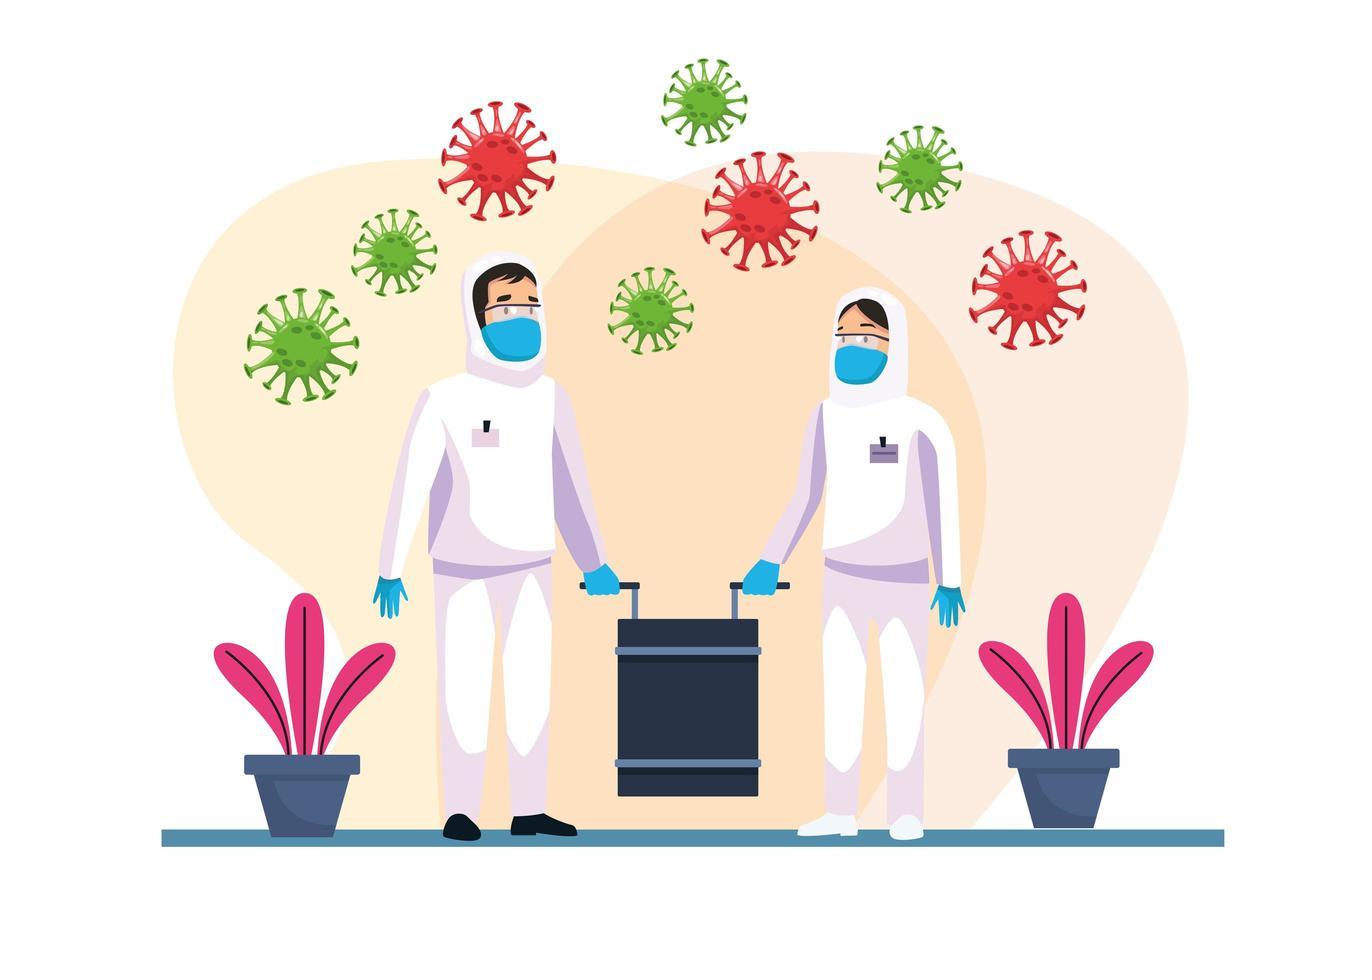 rengörare av biohazard personer med covid19 vektor